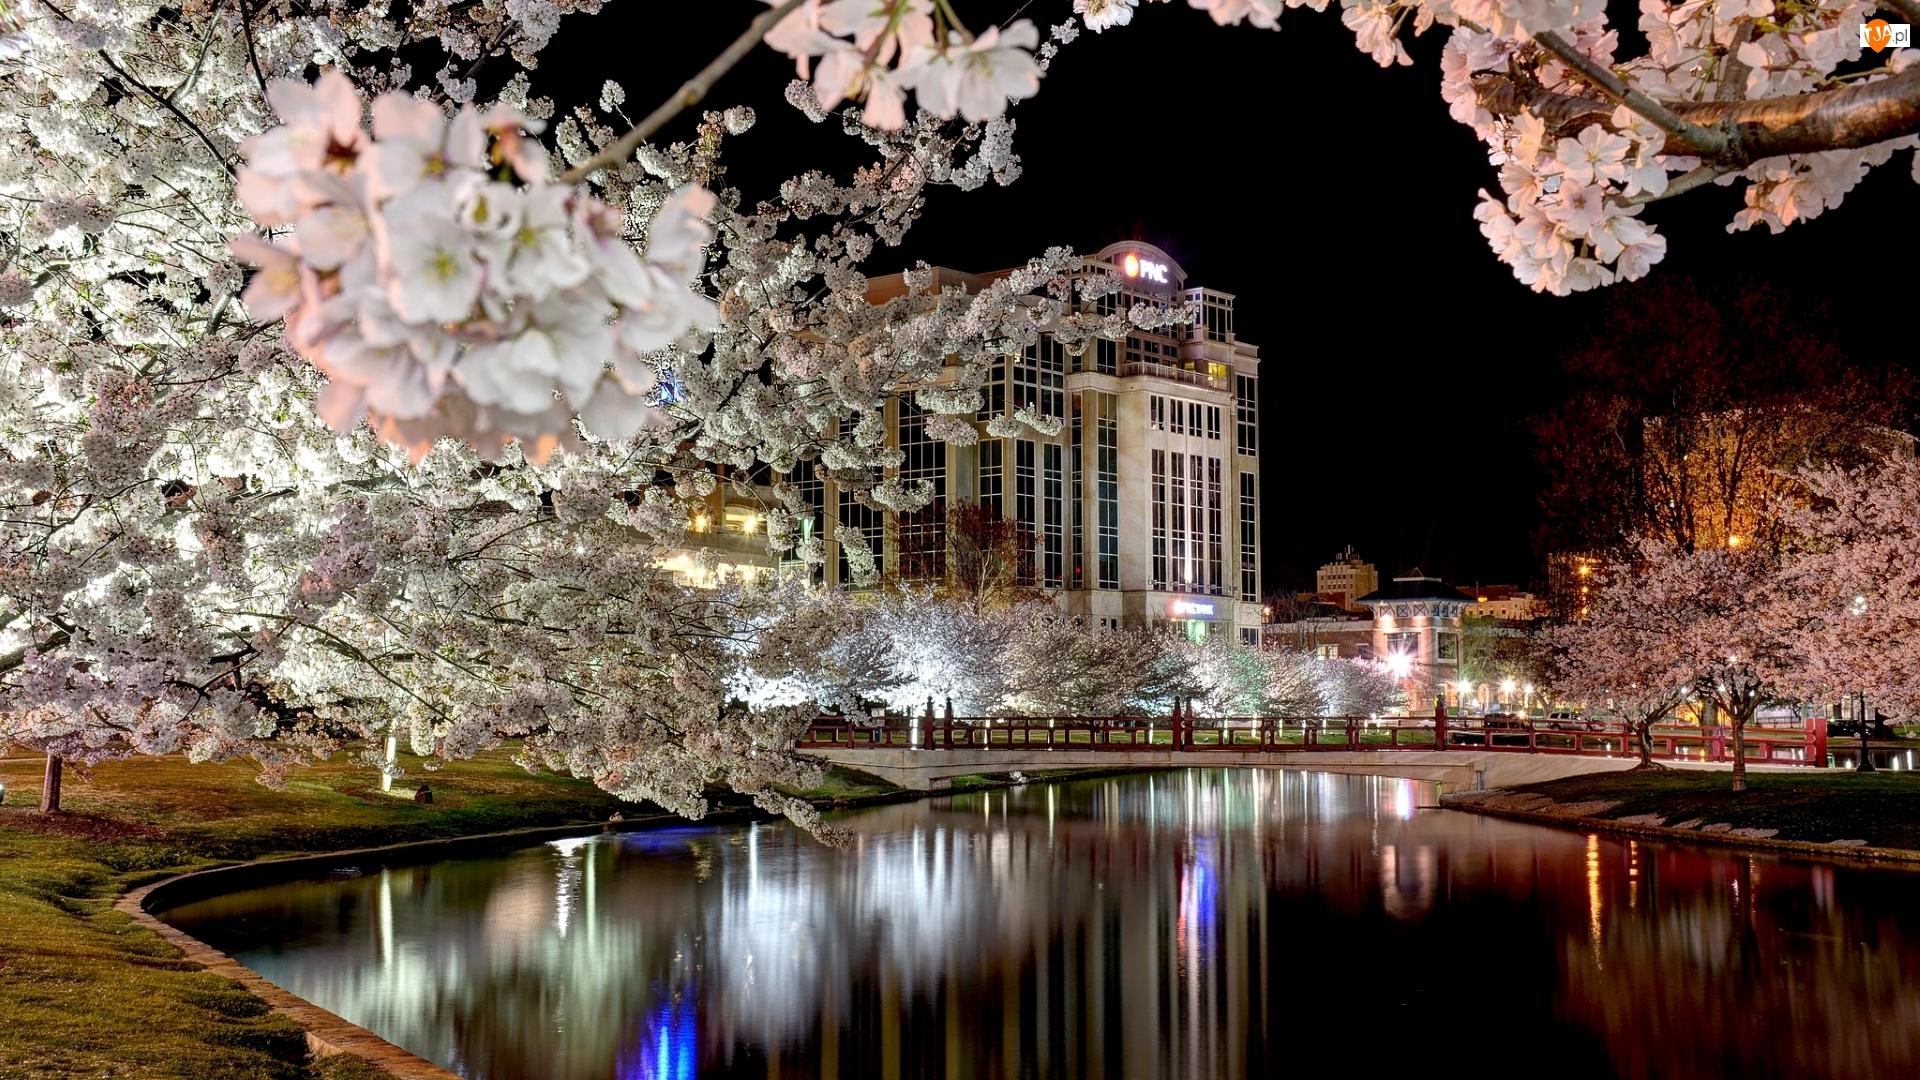 Budynek, Wiosna, Kwitnące, Domy, Rzeka, Drzewa, Noc, Most